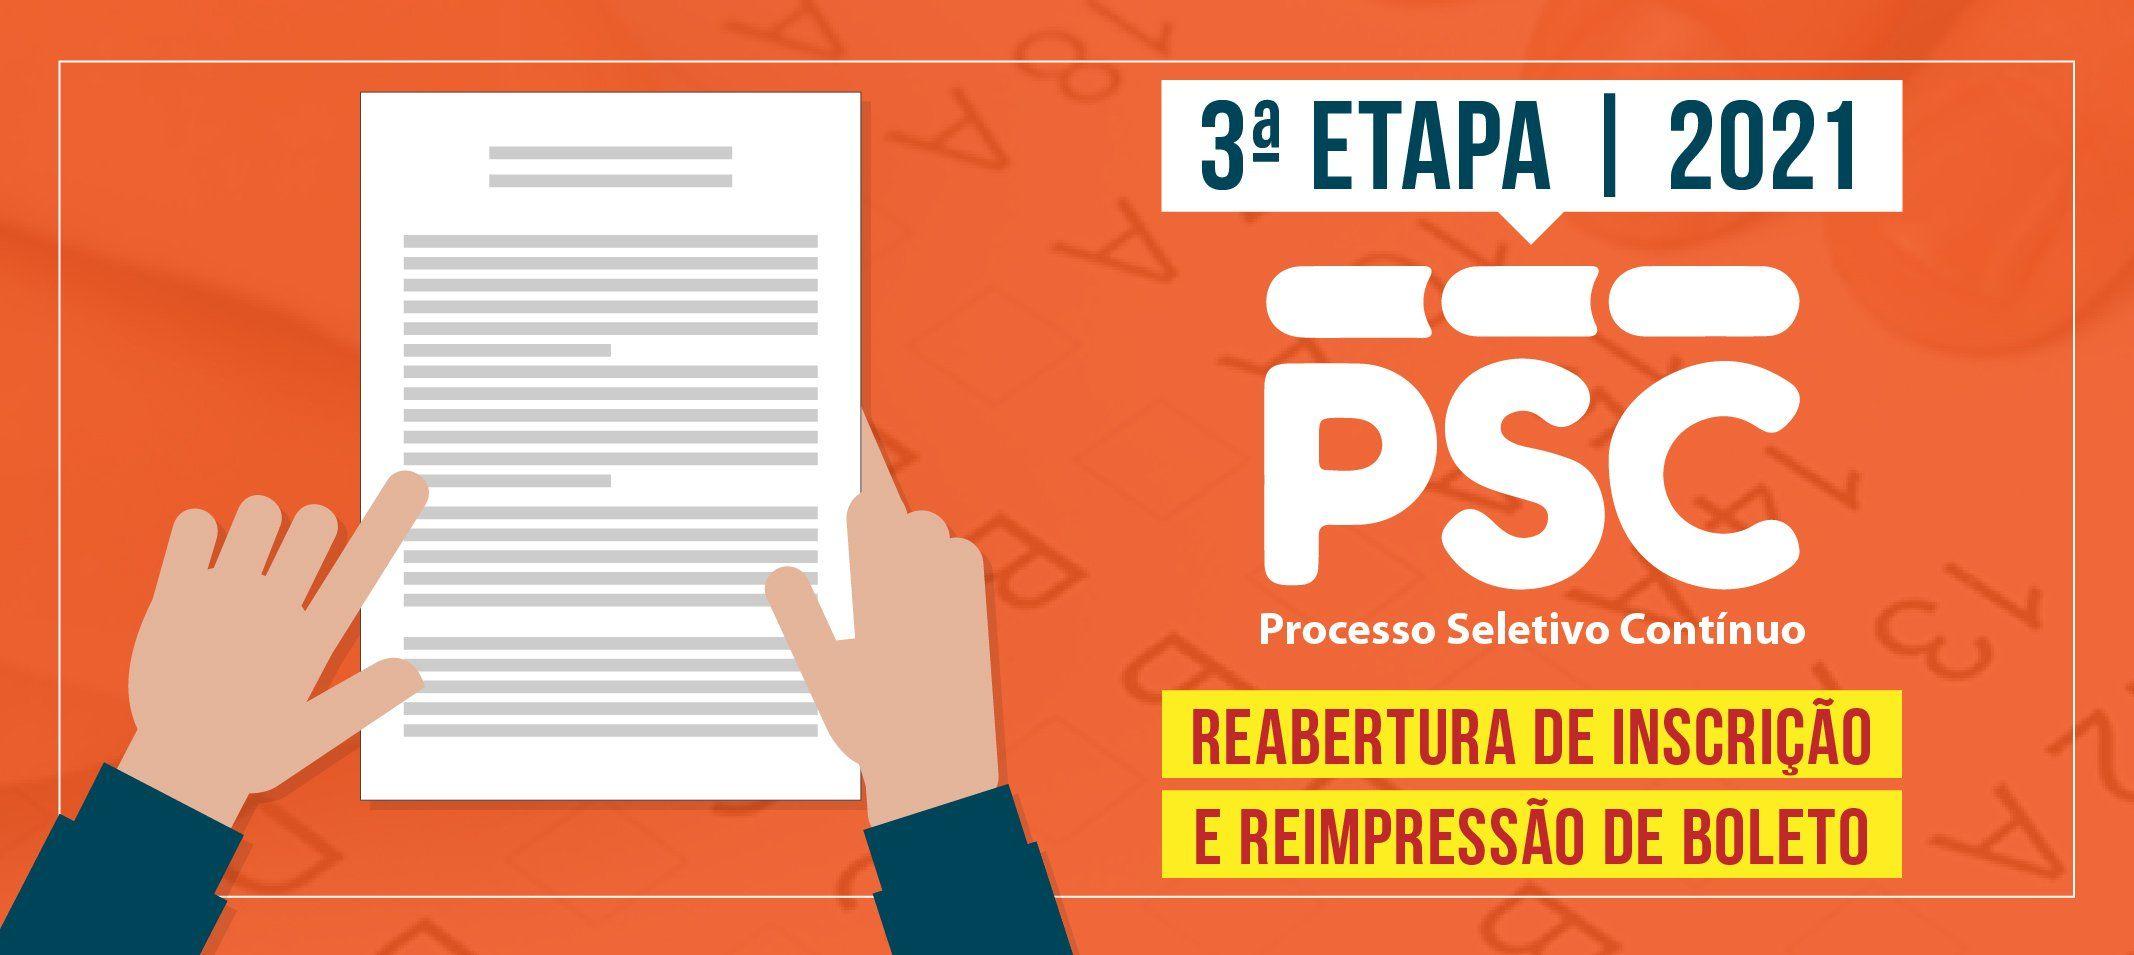 Compec divulga reabertura das inscrições e reimpressão do boleto do Processo Seletivo Contínuo – 3ª Etapa